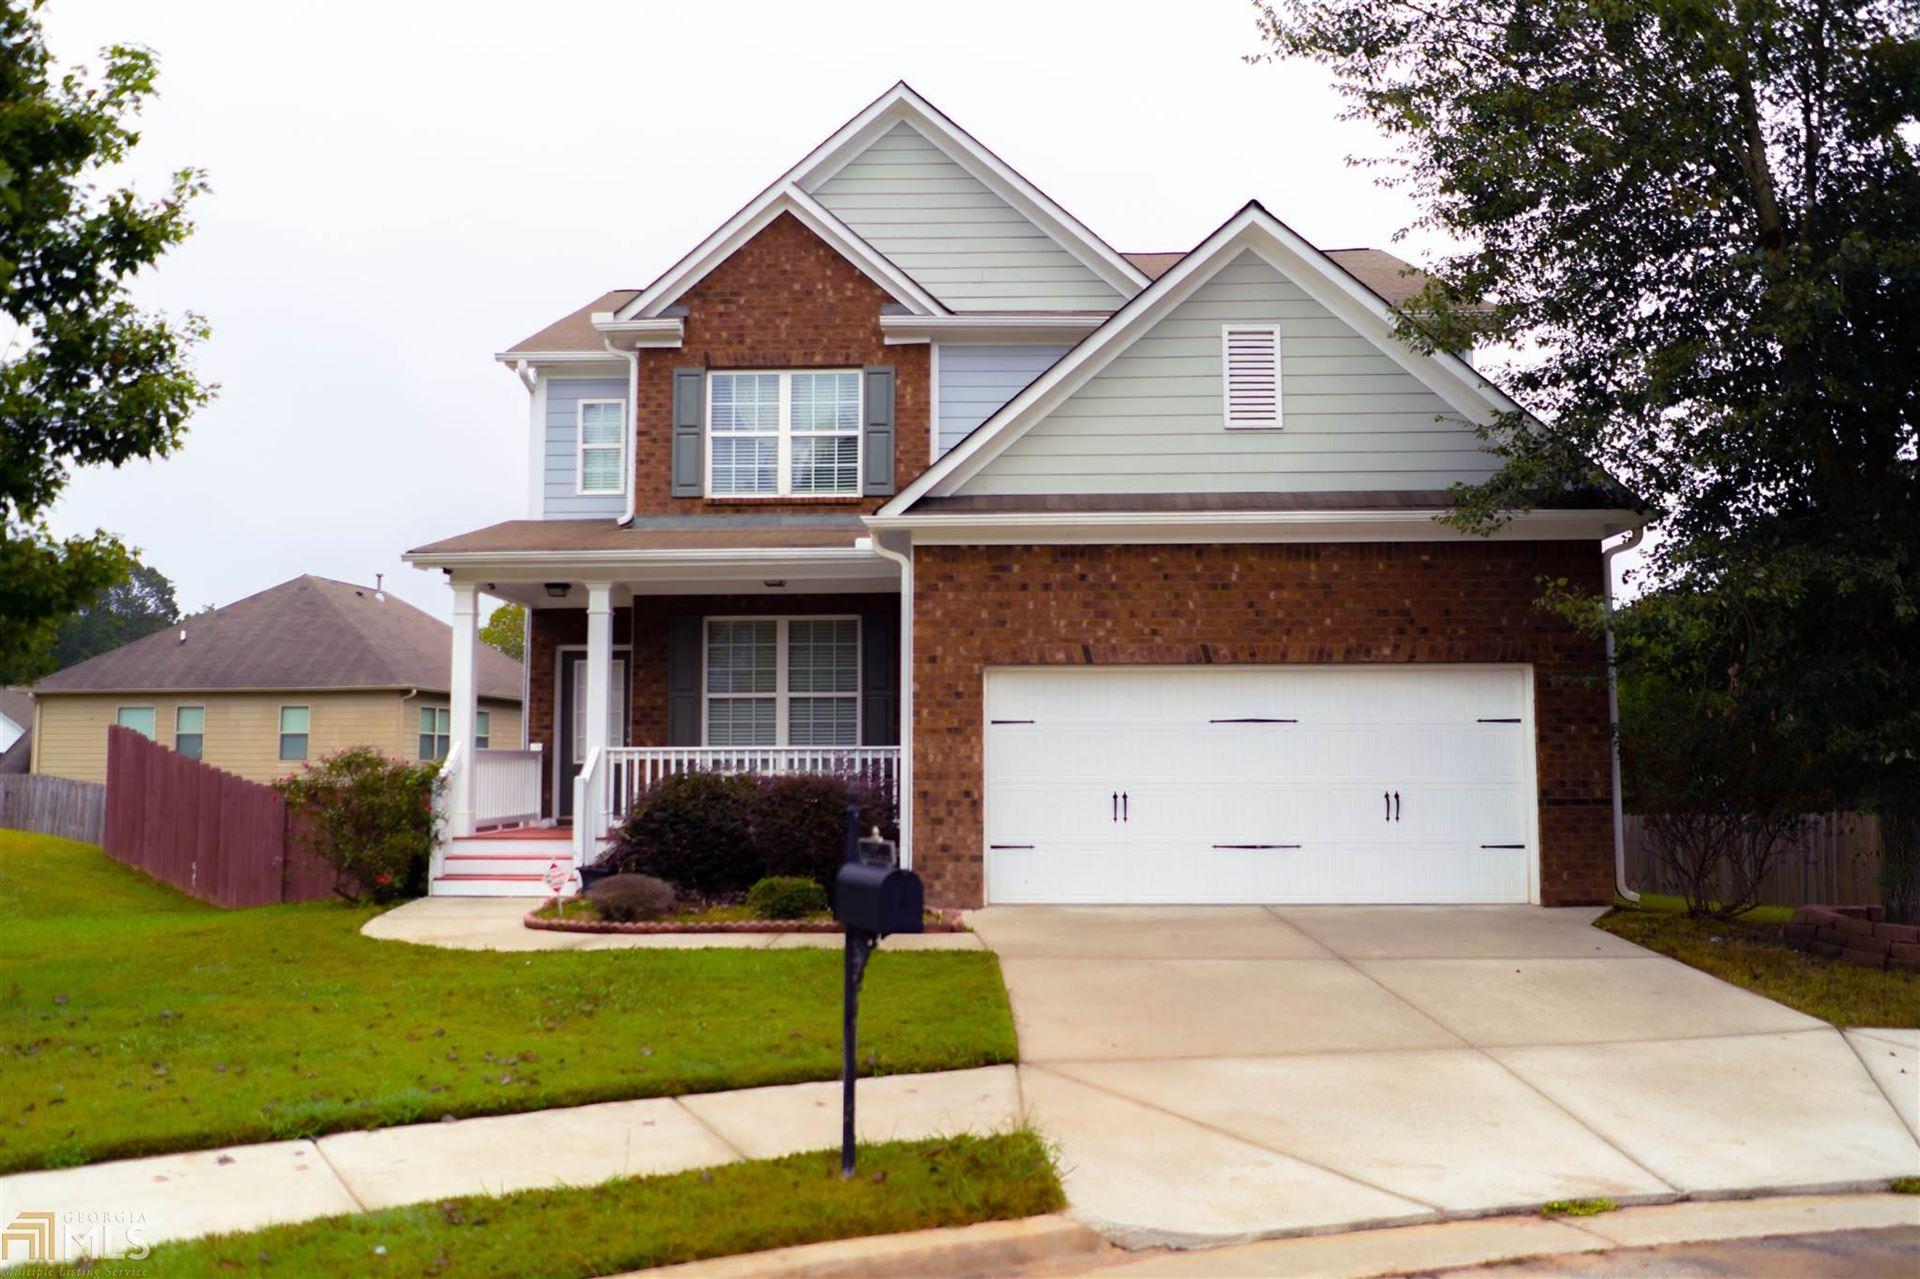 4237 Hidden Village Way, Gainesville, GA 30507 - MLS#: 8864706